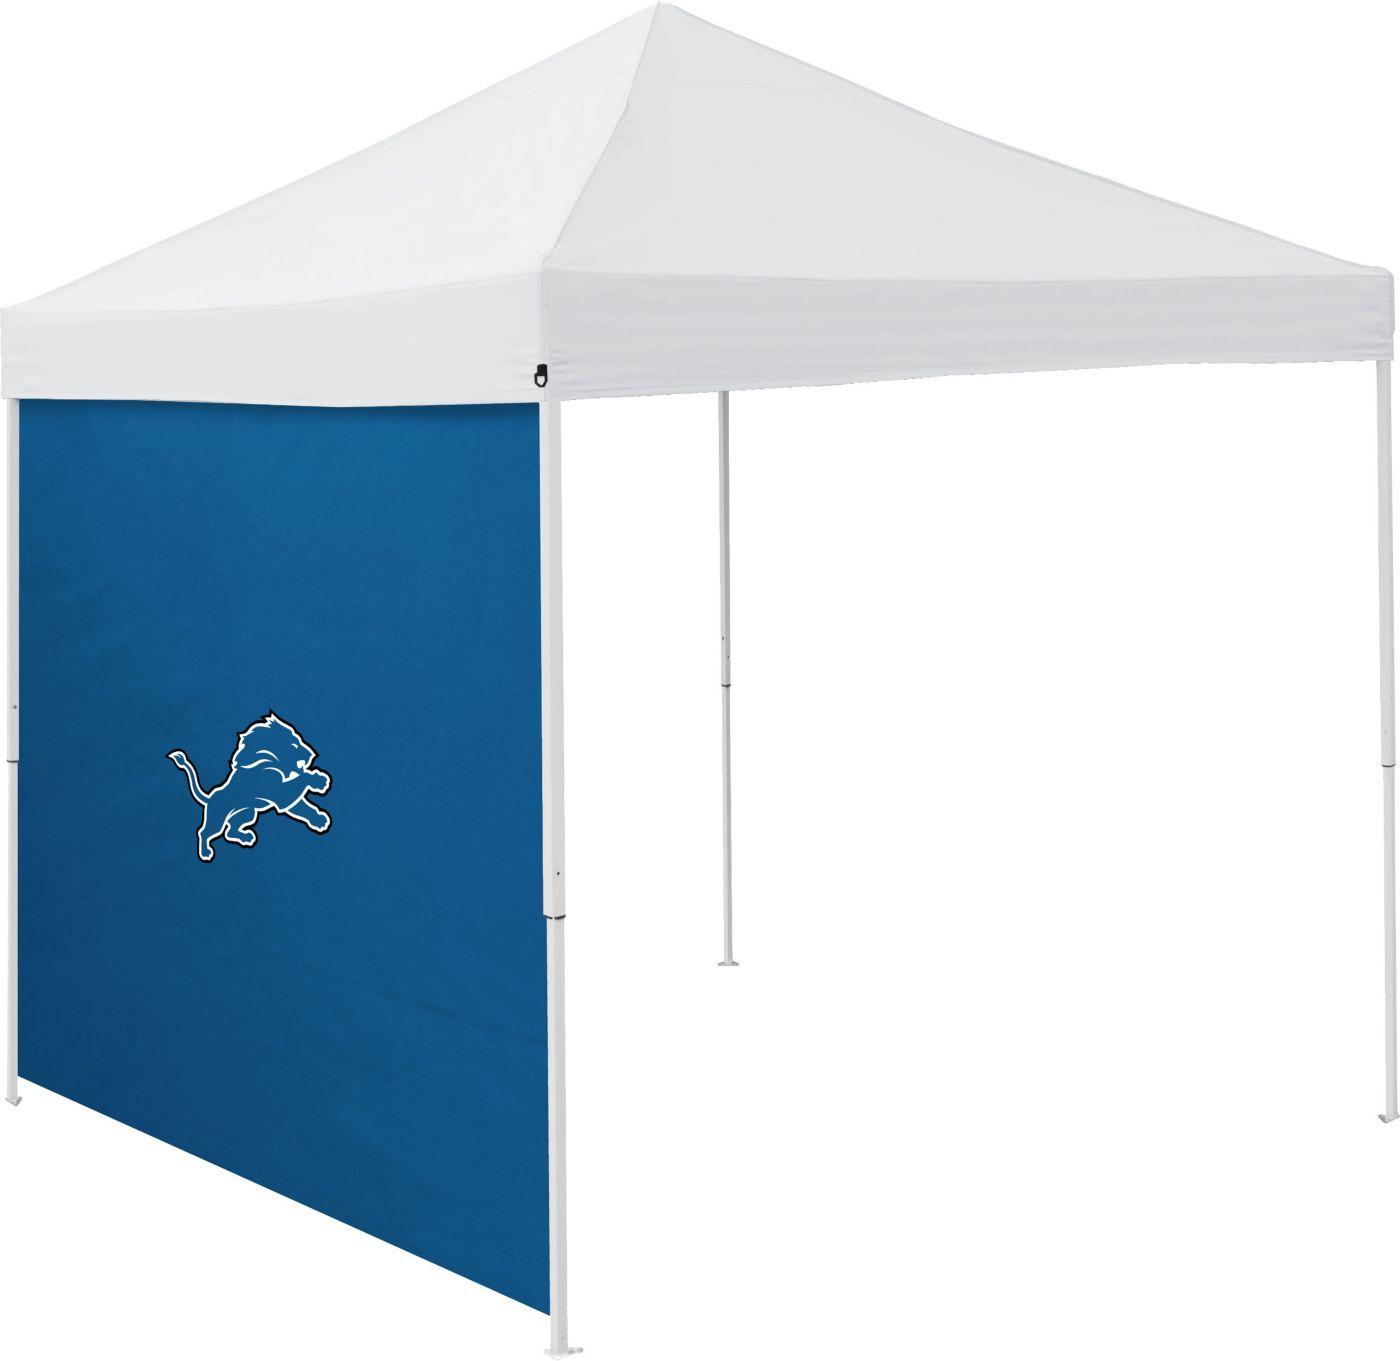 Detroit Lions Tent Side Panel